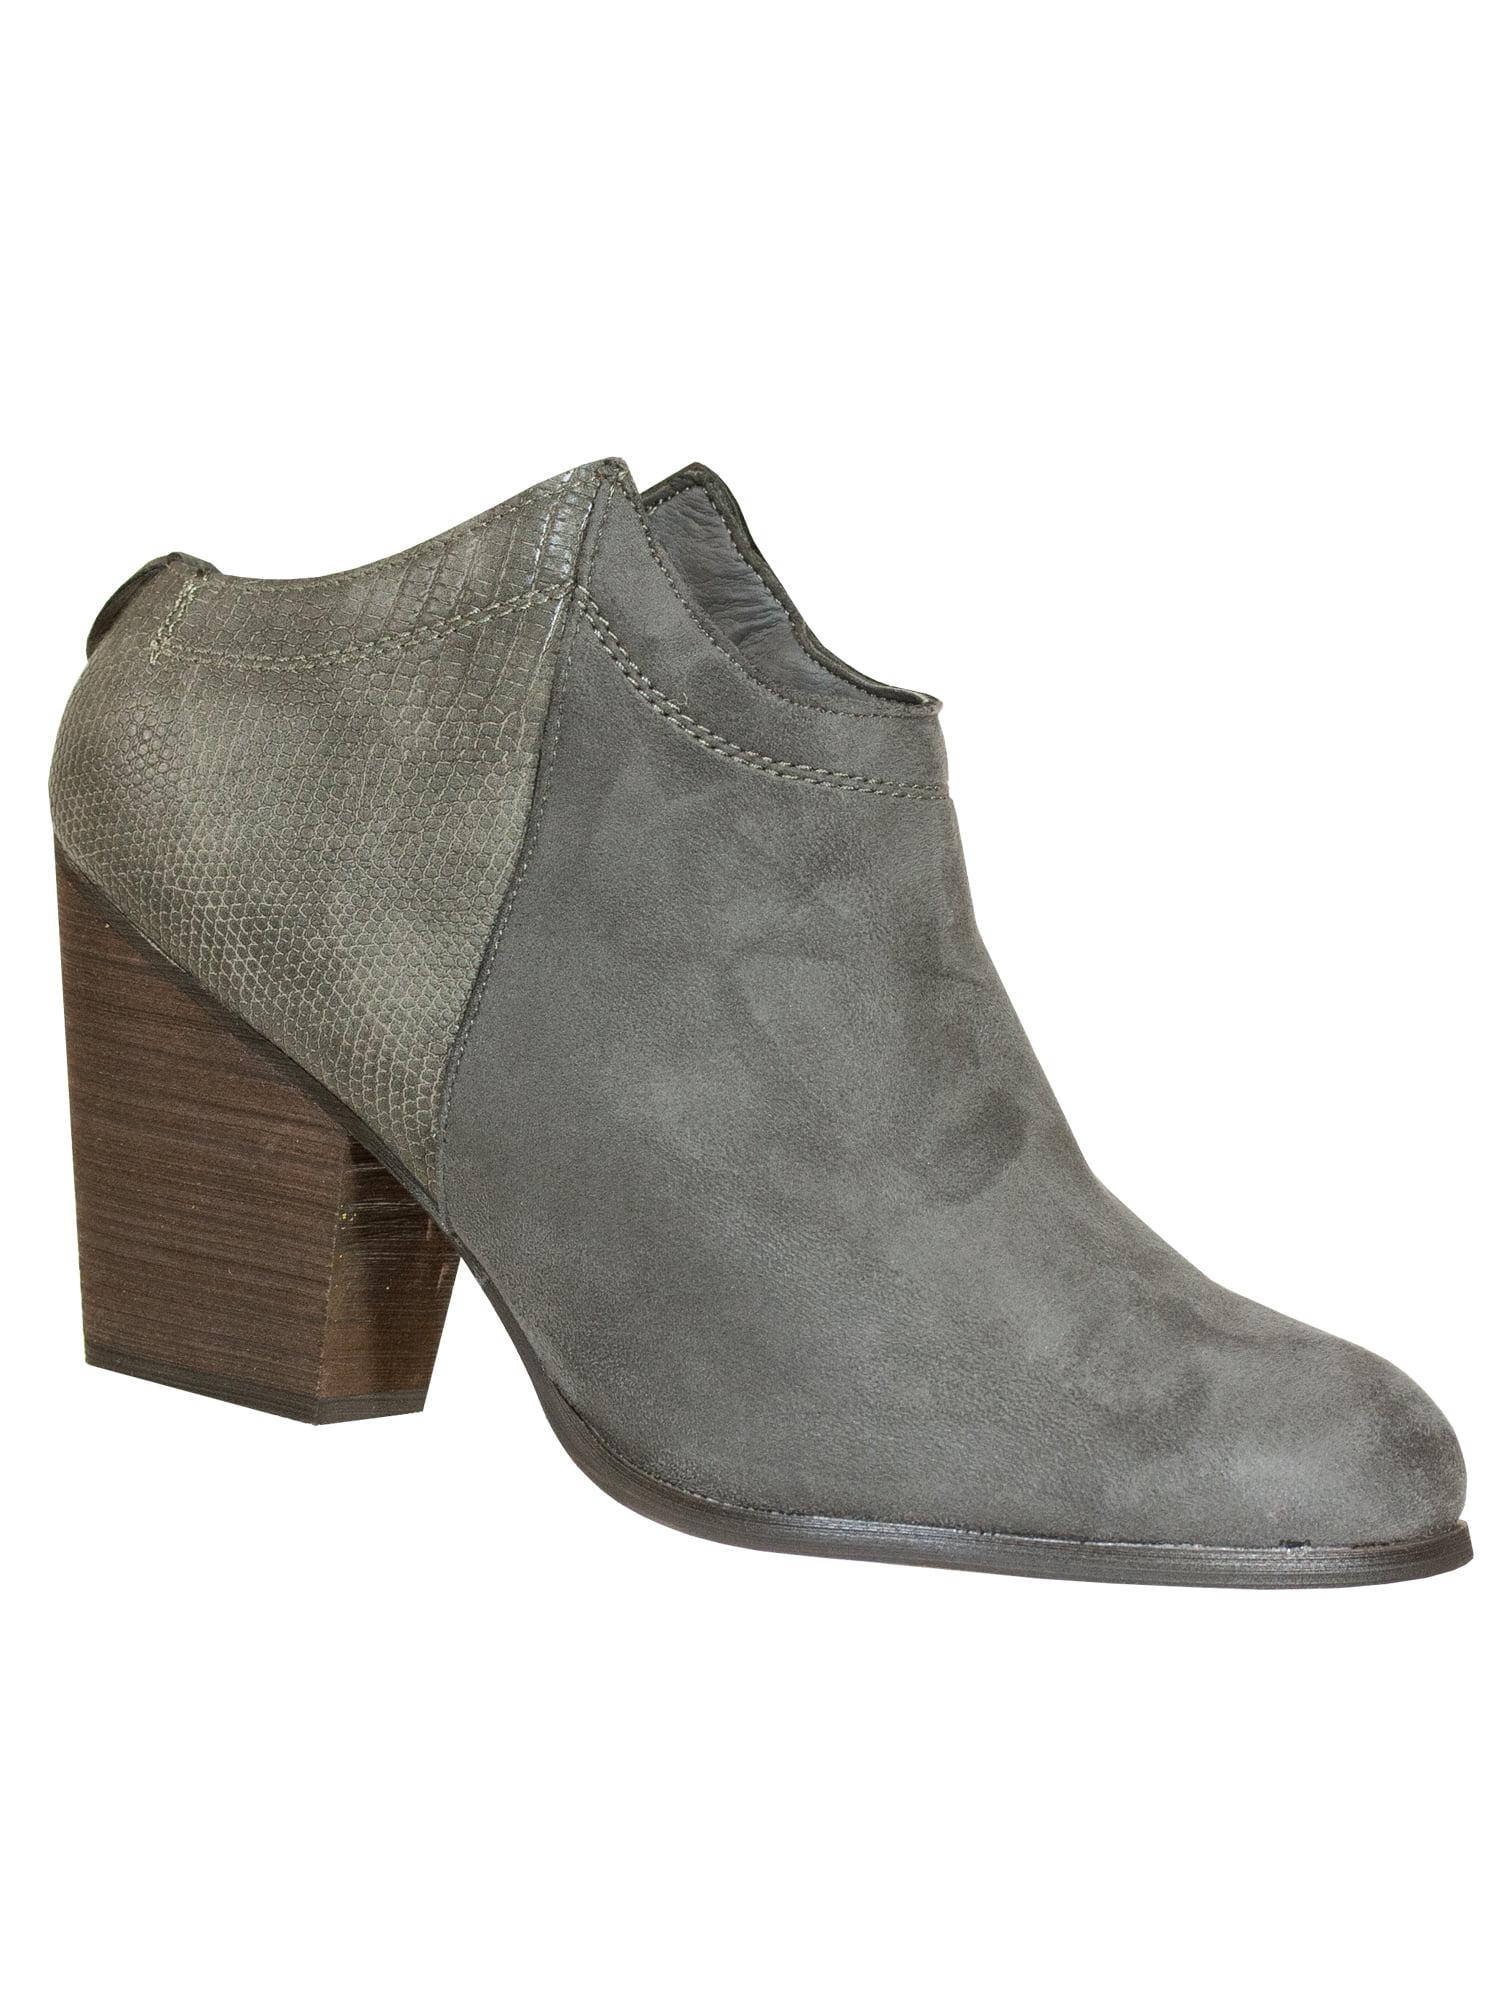 Corkys Footwear Take Off Women's Bootie Shoe Grey 7 M by Corkys Footwear